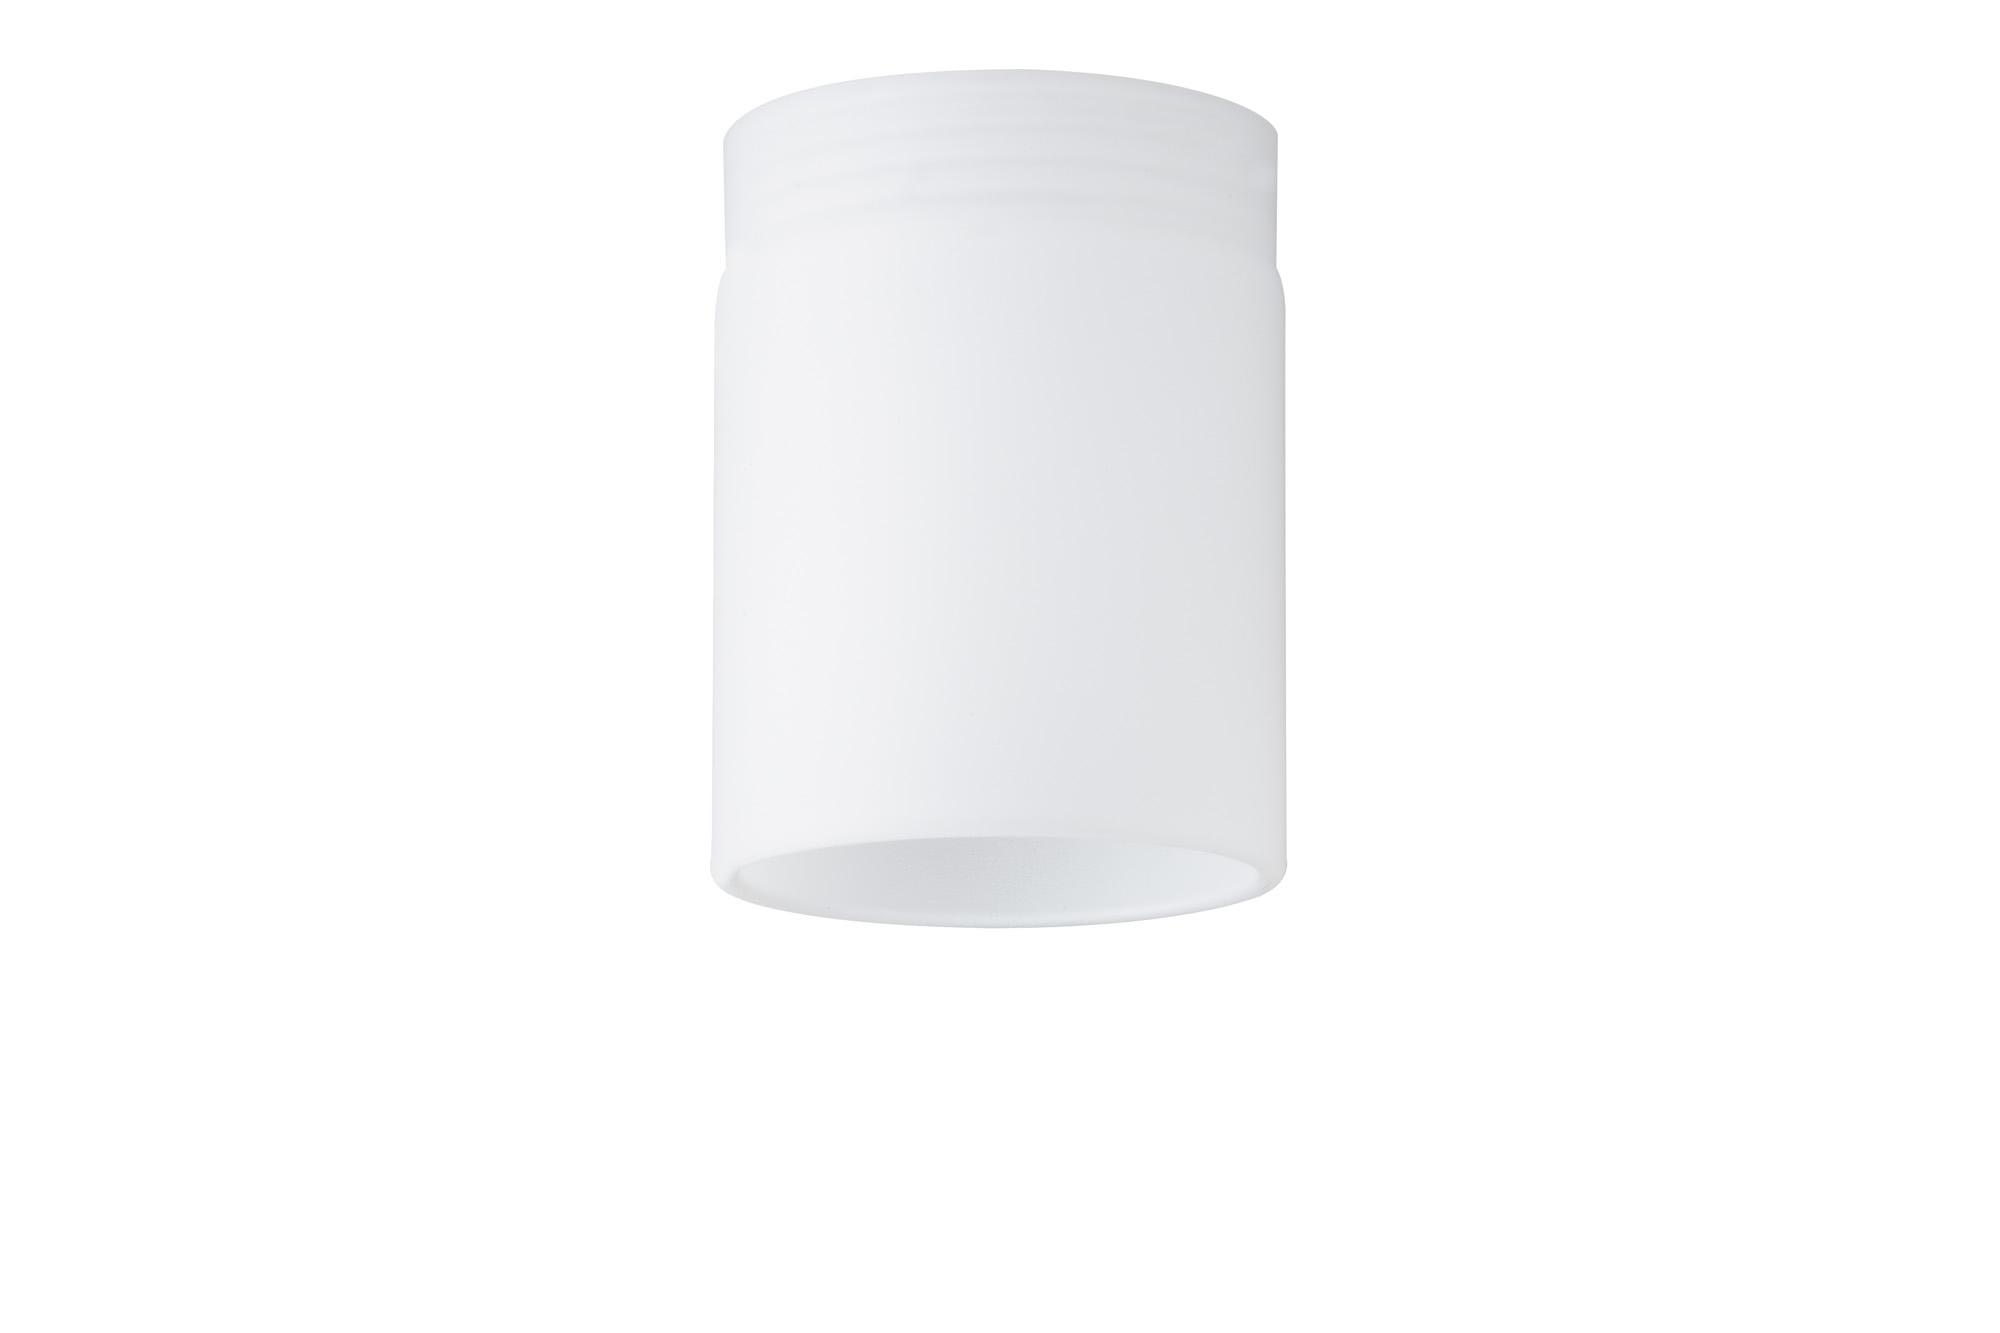 Paulmann. 92572 Плафон для DecoSystems Tube Mini, опал,стекло